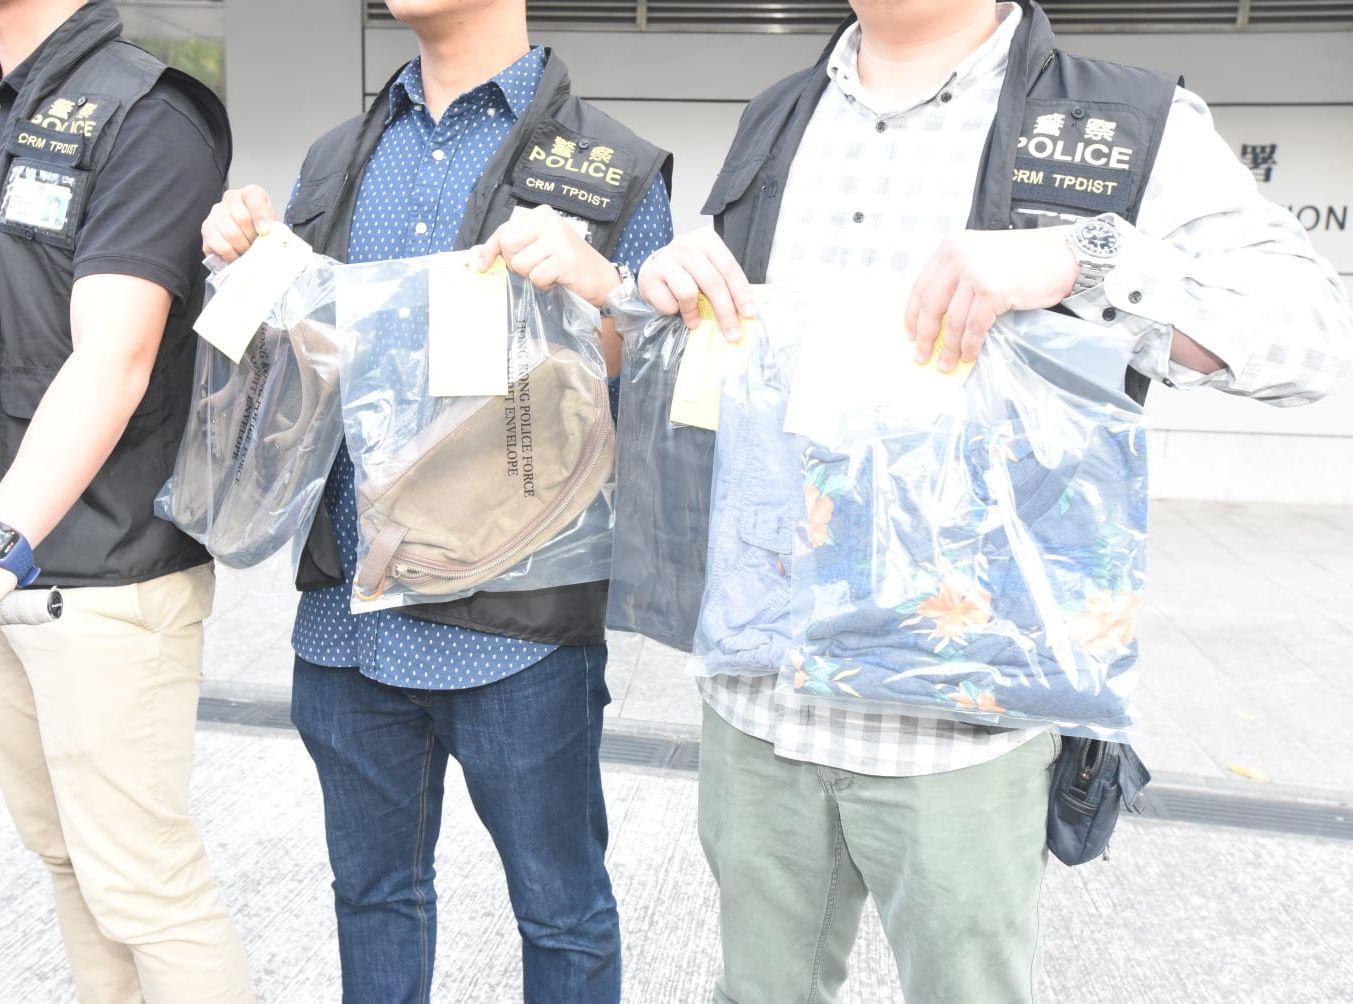 警方拘捕兩名男子,包括一名14歲的本地男中學生,以及一名18歲英籍男子。